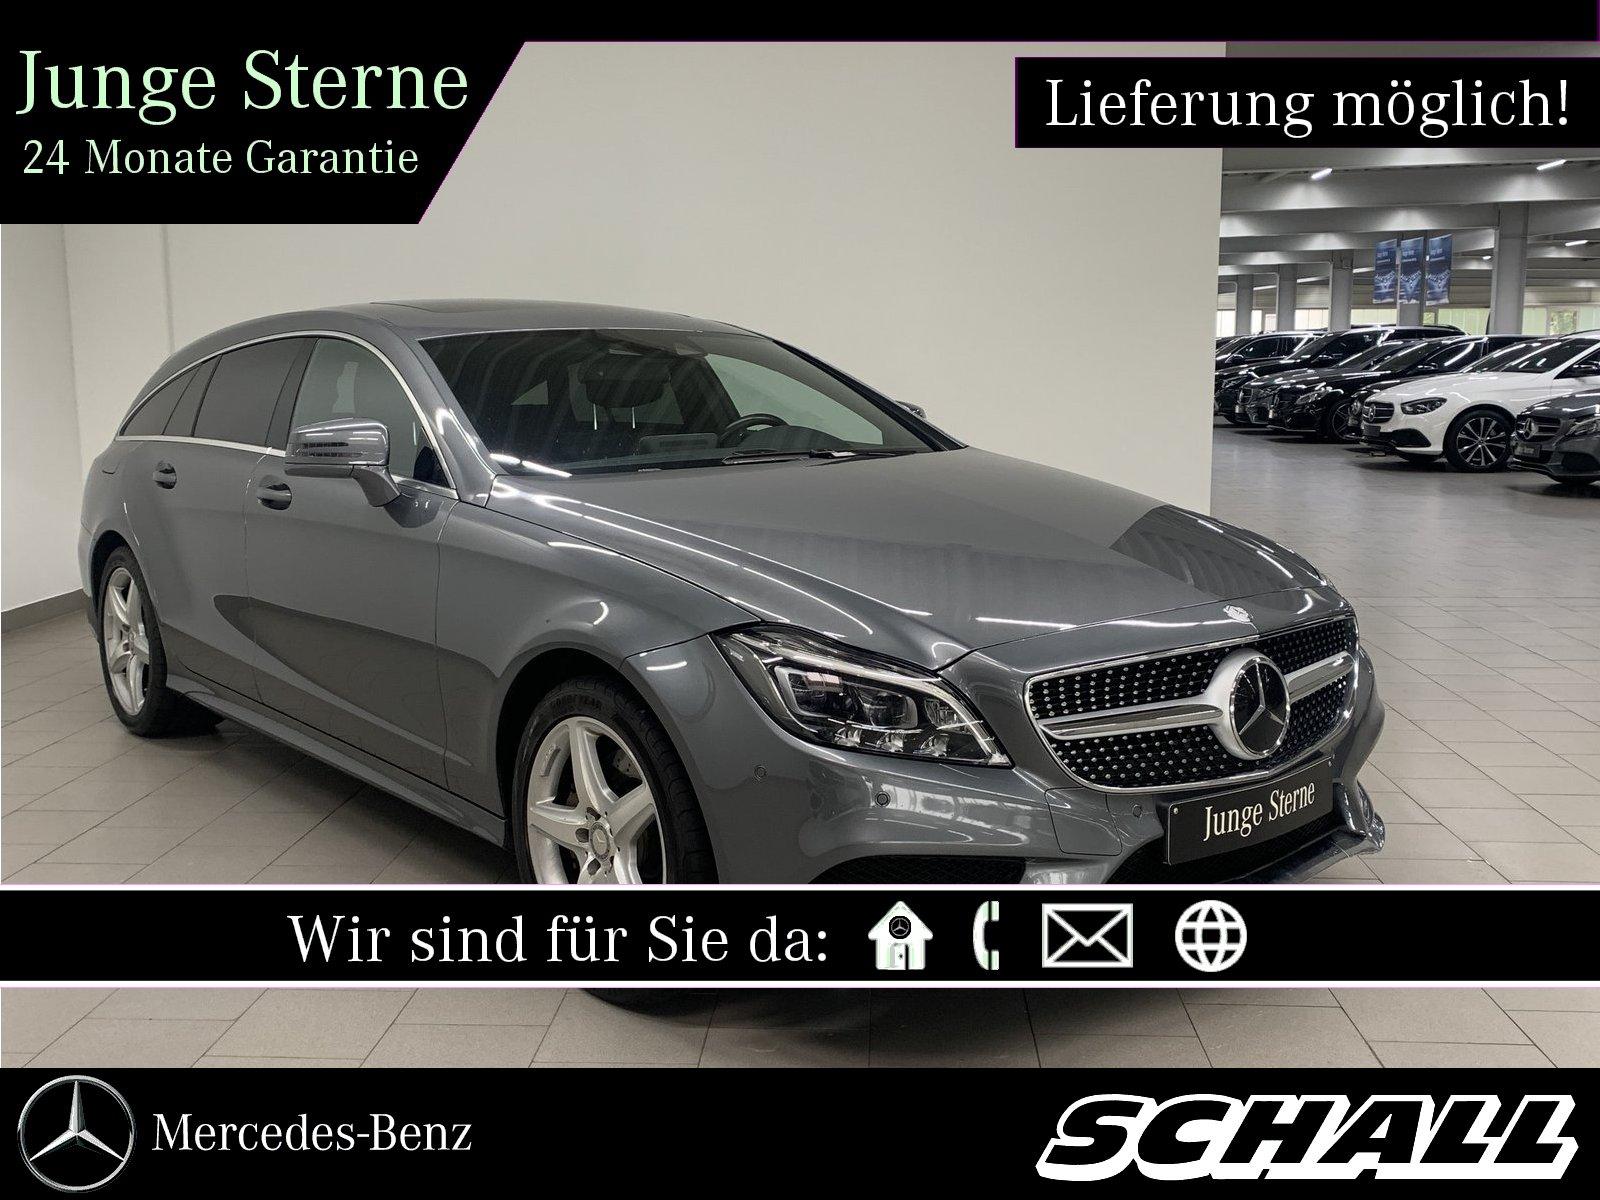 Mercedes-Benz CLS 350 d 4M SB 9G+AMG+DISTRONIC+MULTIBEAM+AIRM., Jahr 2016, Diesel